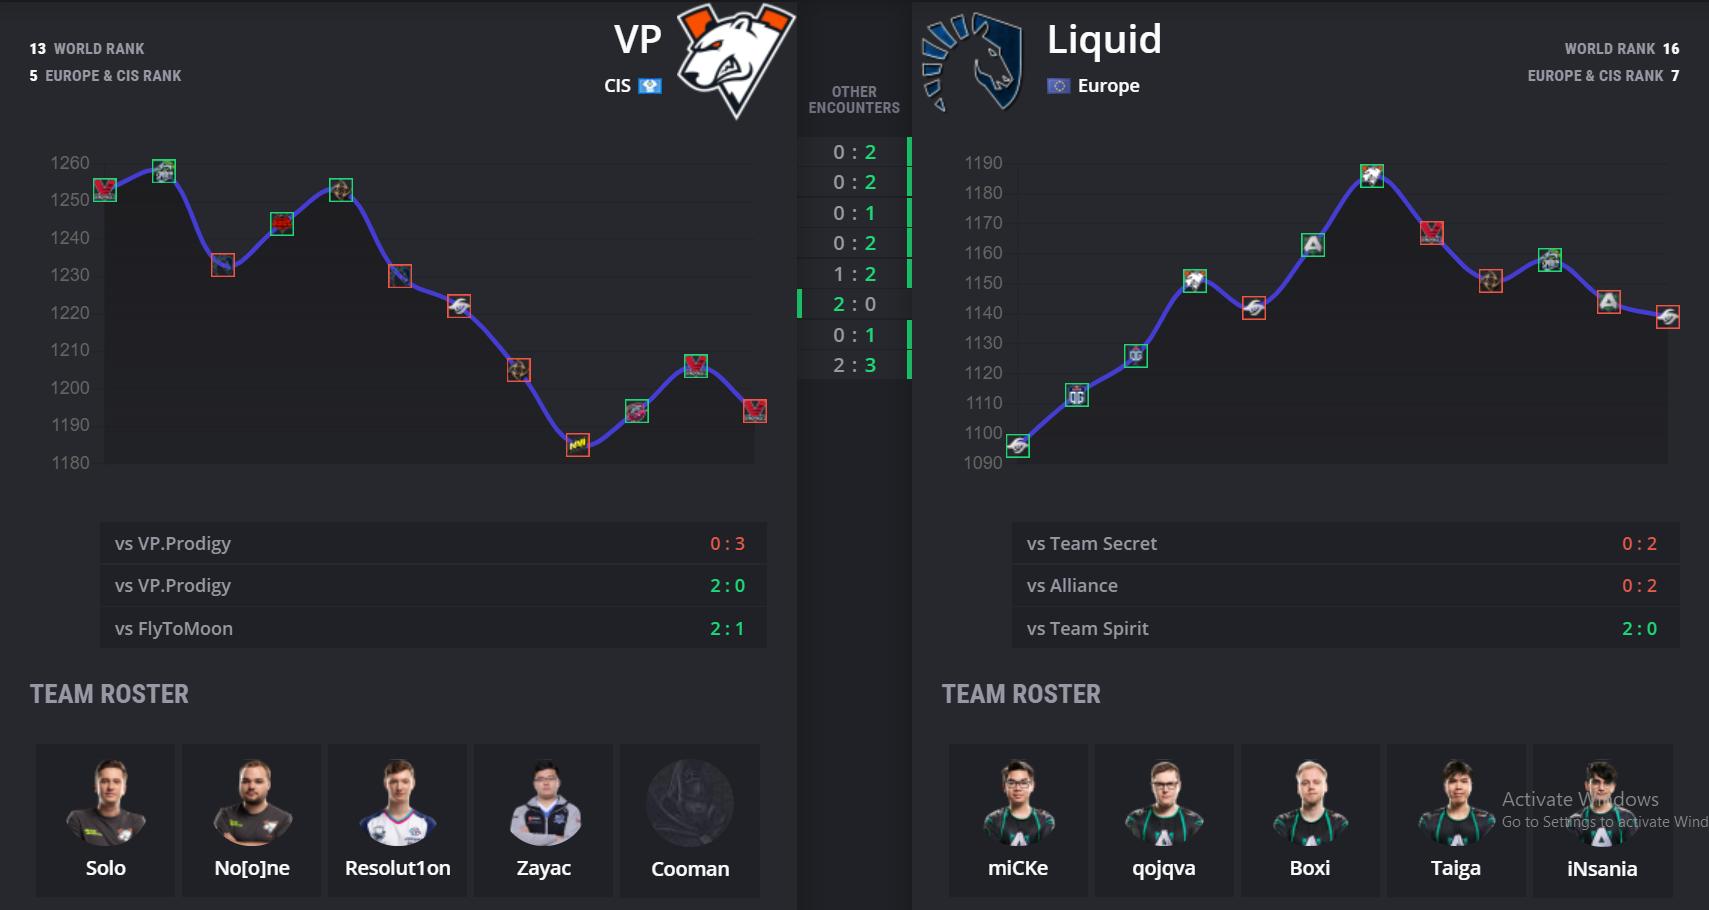 api cdn.gametv.vn 4e37d5ca44c2de640c66b7a9762c3209 - OGA Dota PIT Online: VP vs Liquid - Gấu Nga tuyệt vọng